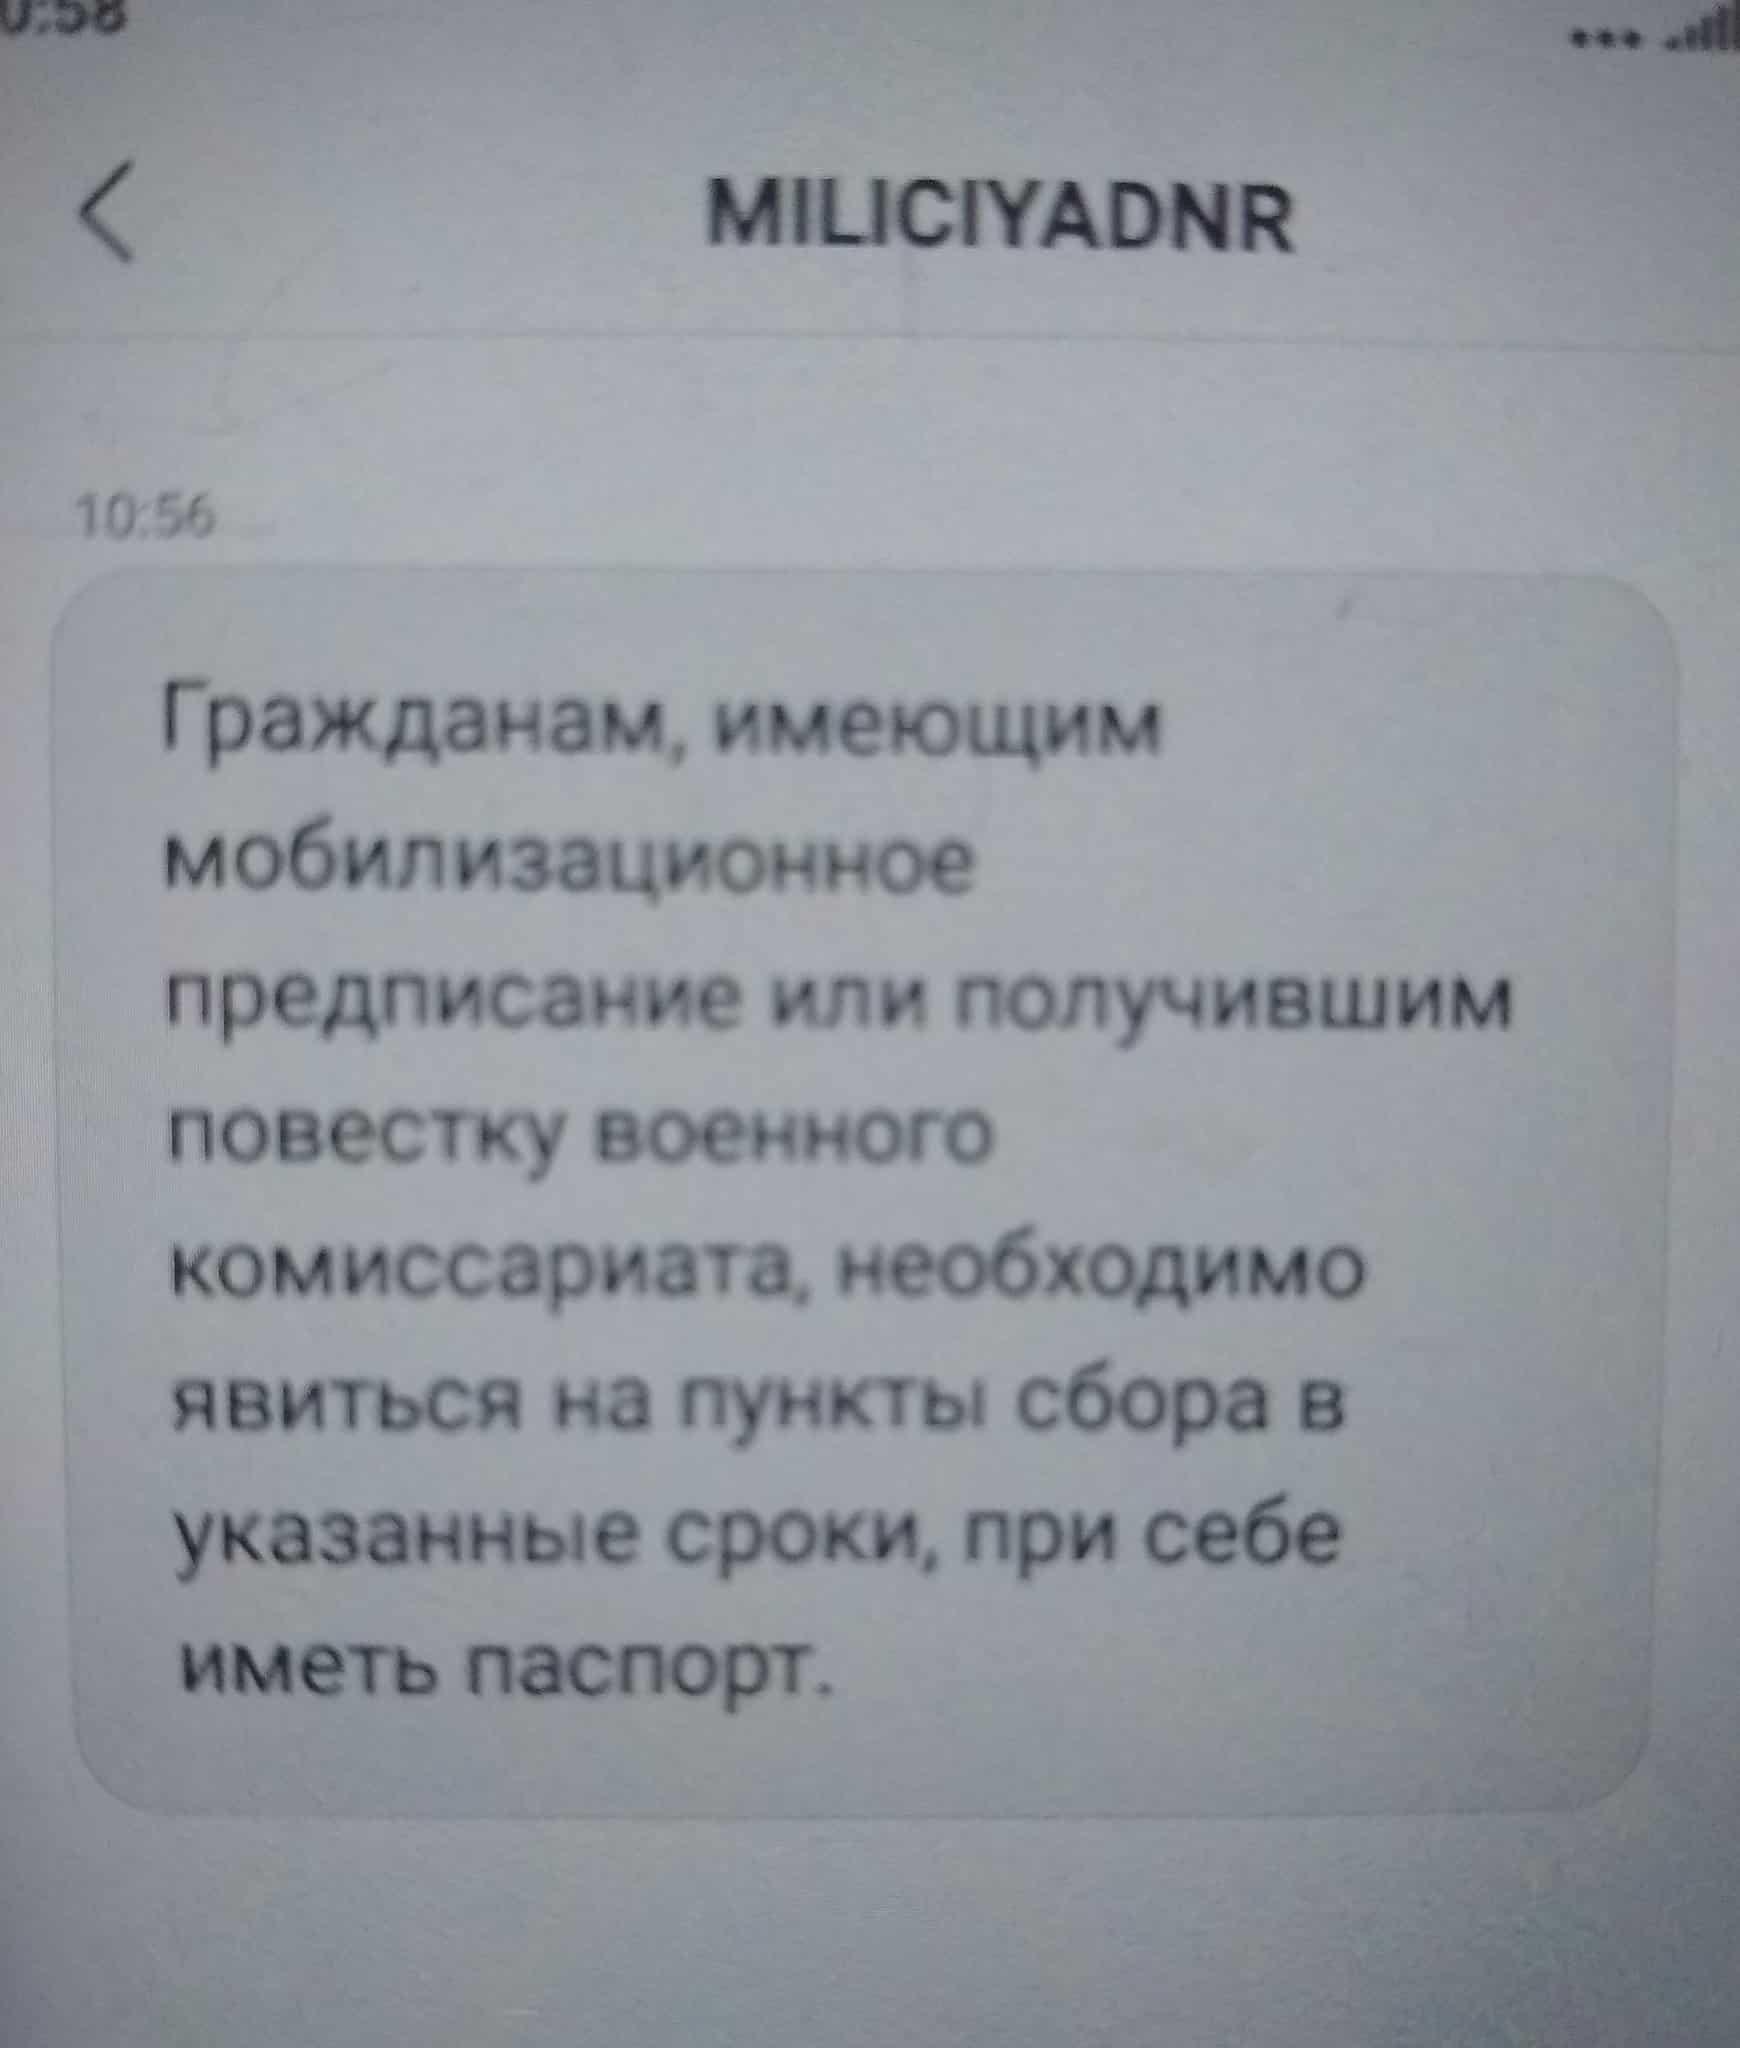 СМС від адміністрації на окупованій території Донецької області